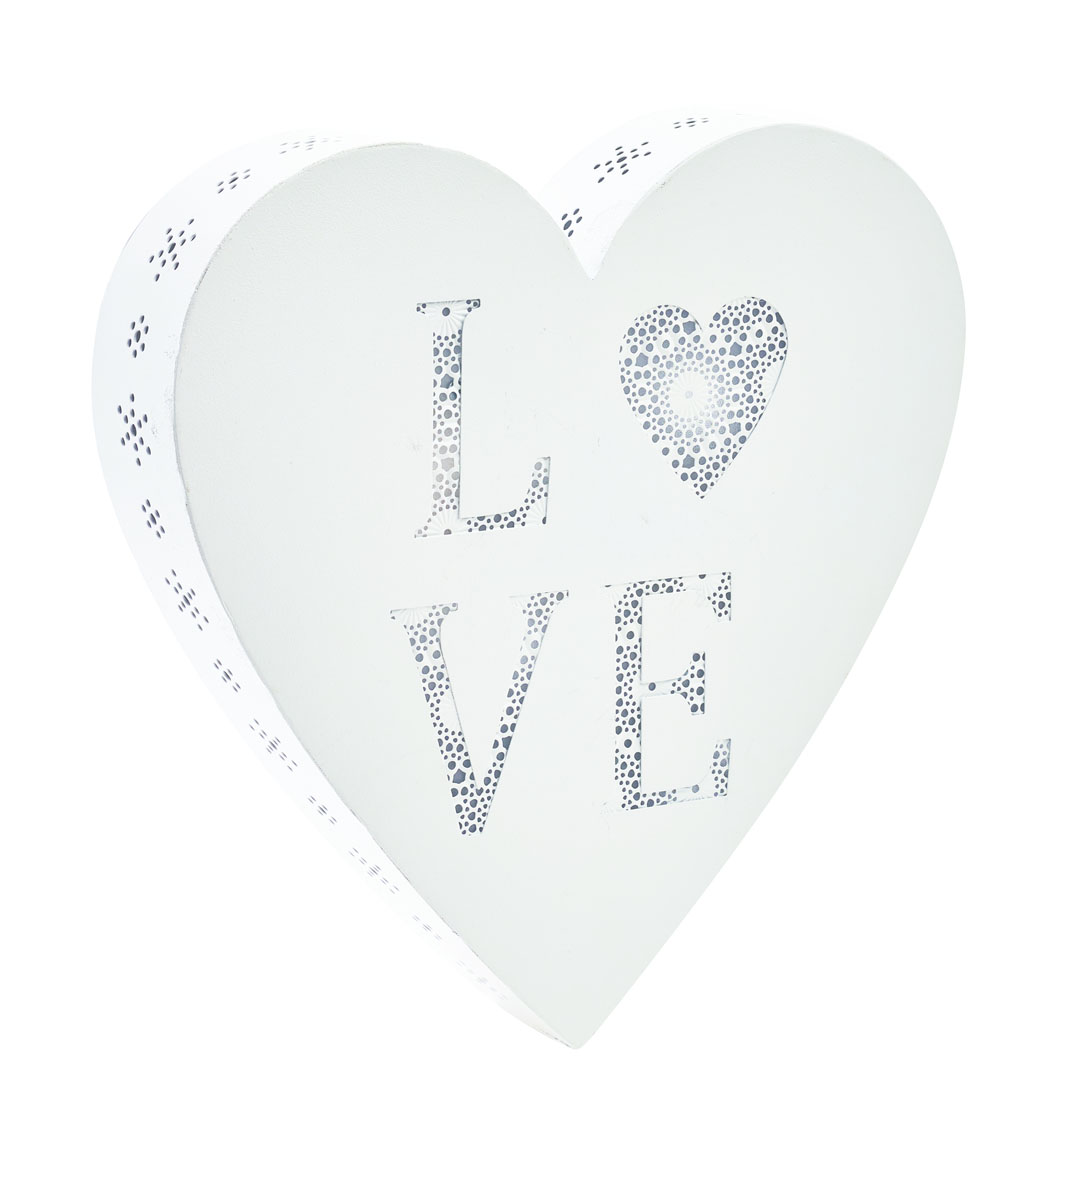 Декоративное настенное украшение Gardman Love Heart, с LED подсветкой, 25,5 x 5 х 25,5 см300194_сиреневый/грушаДекоративное настенное украшение Gardman Love Heart изготовлено из металла. Для удобства размещения изделие оснащено отверстиями для подвешивания. LED подсветка придаст неповторимый дизайн вашему интерьеру. Работает от 2 батареек типа AA (входят в комплект). Имеет встроенный таймер, с возможностью программирования на 6 и 18 часов.